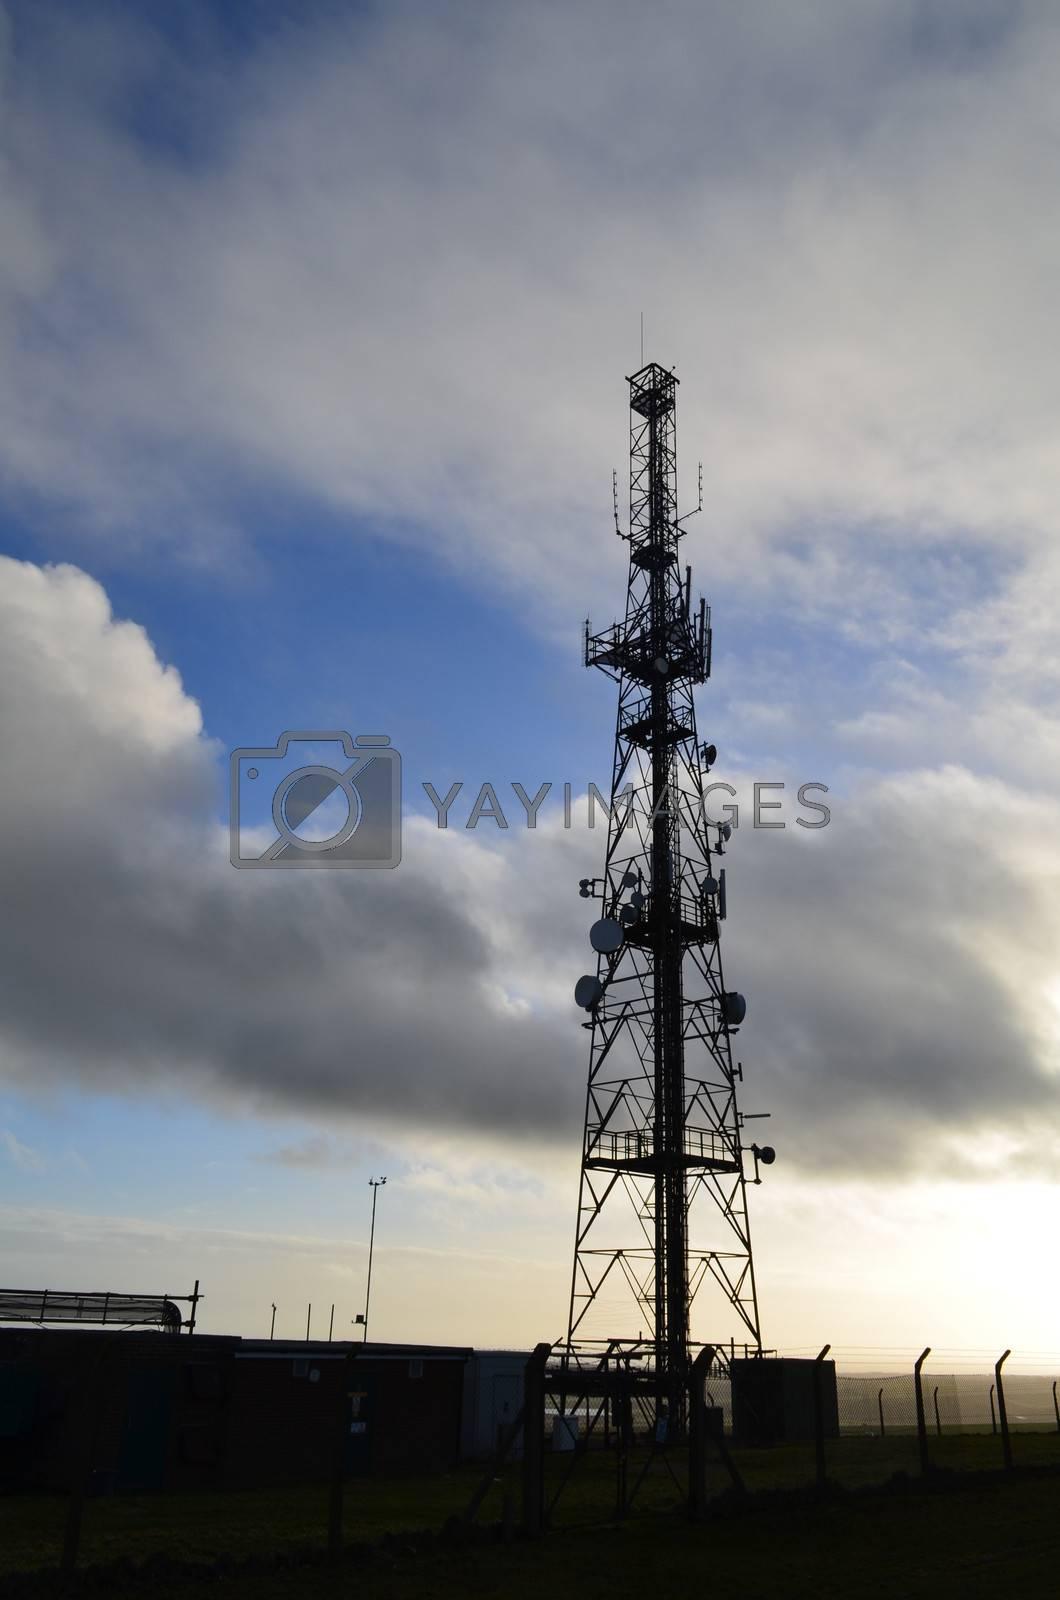 Large communication mast in England.